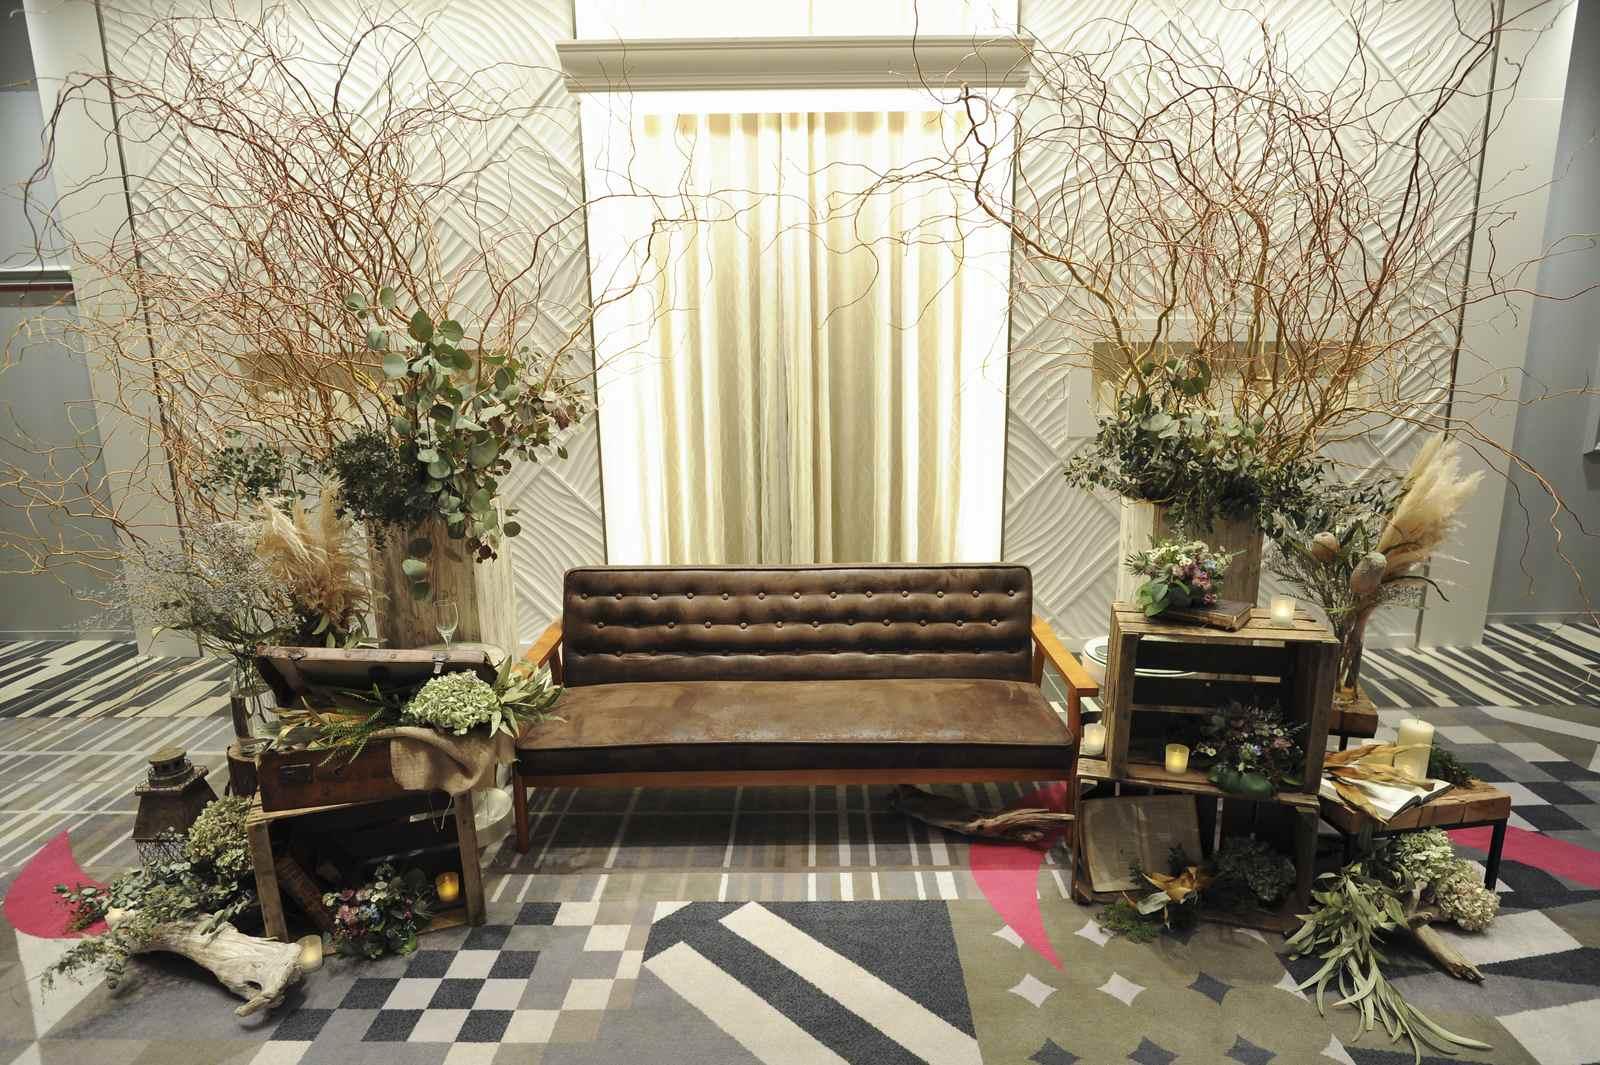 徳島市の結婚式場ブランアンジュのメーンテーブルは新郎新婦さまのこだわりでソファー席